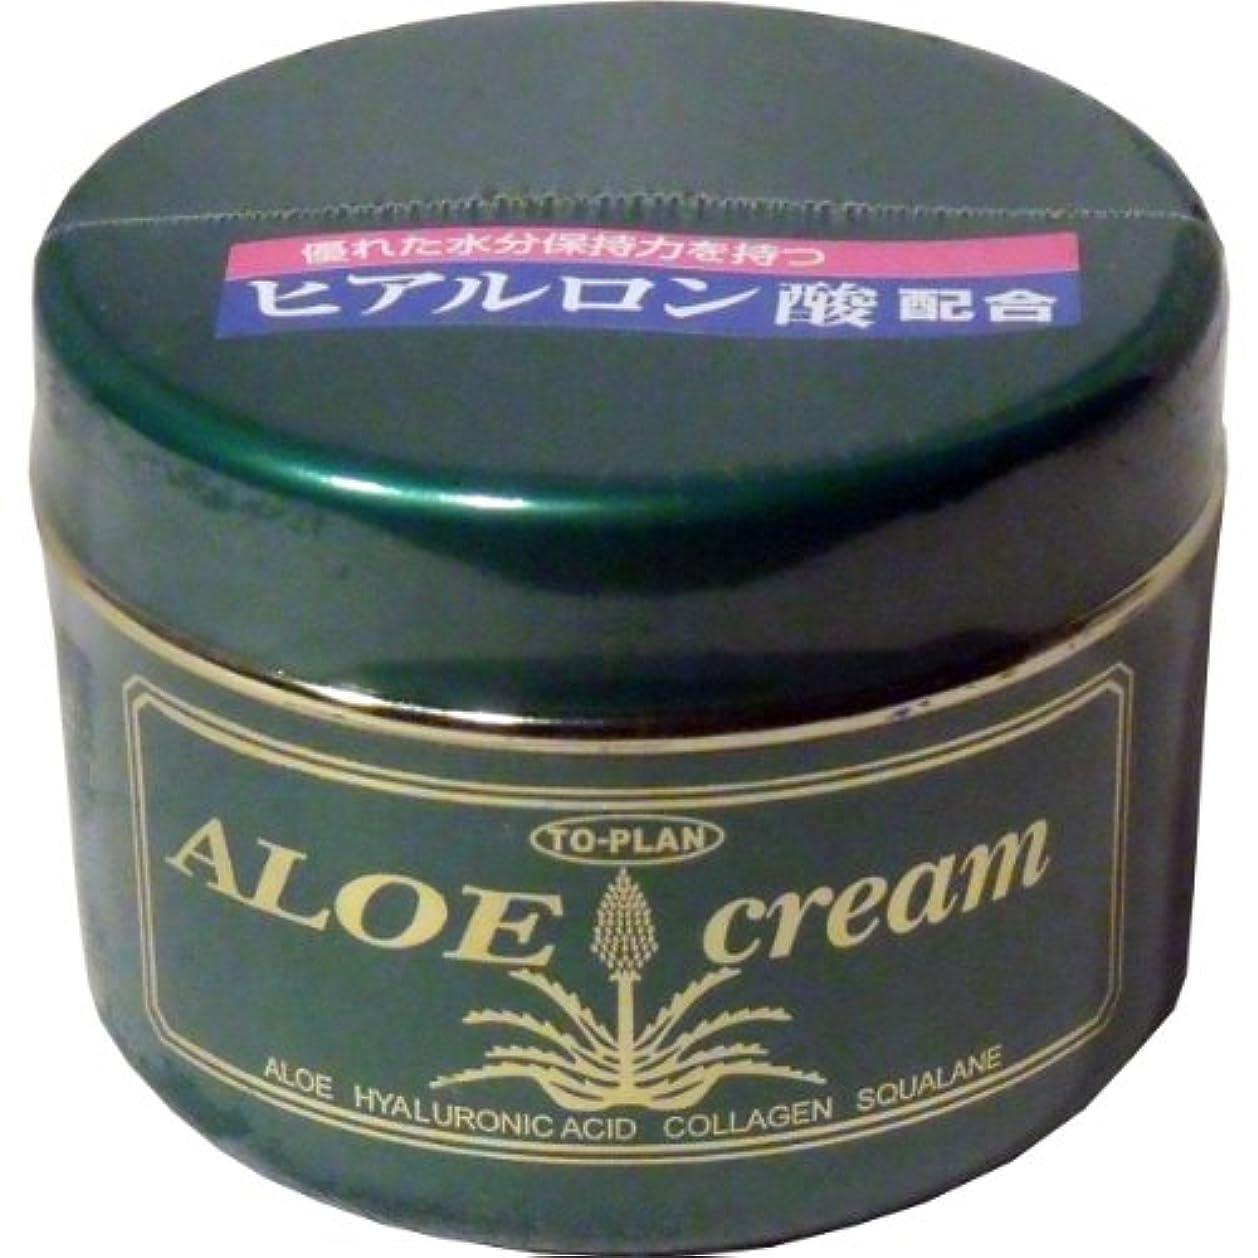 オーナーファイター特異なトプラン ハーブフレッシュクリーム(アロエクリーム) ヒアルロン酸 170g ×3個セット